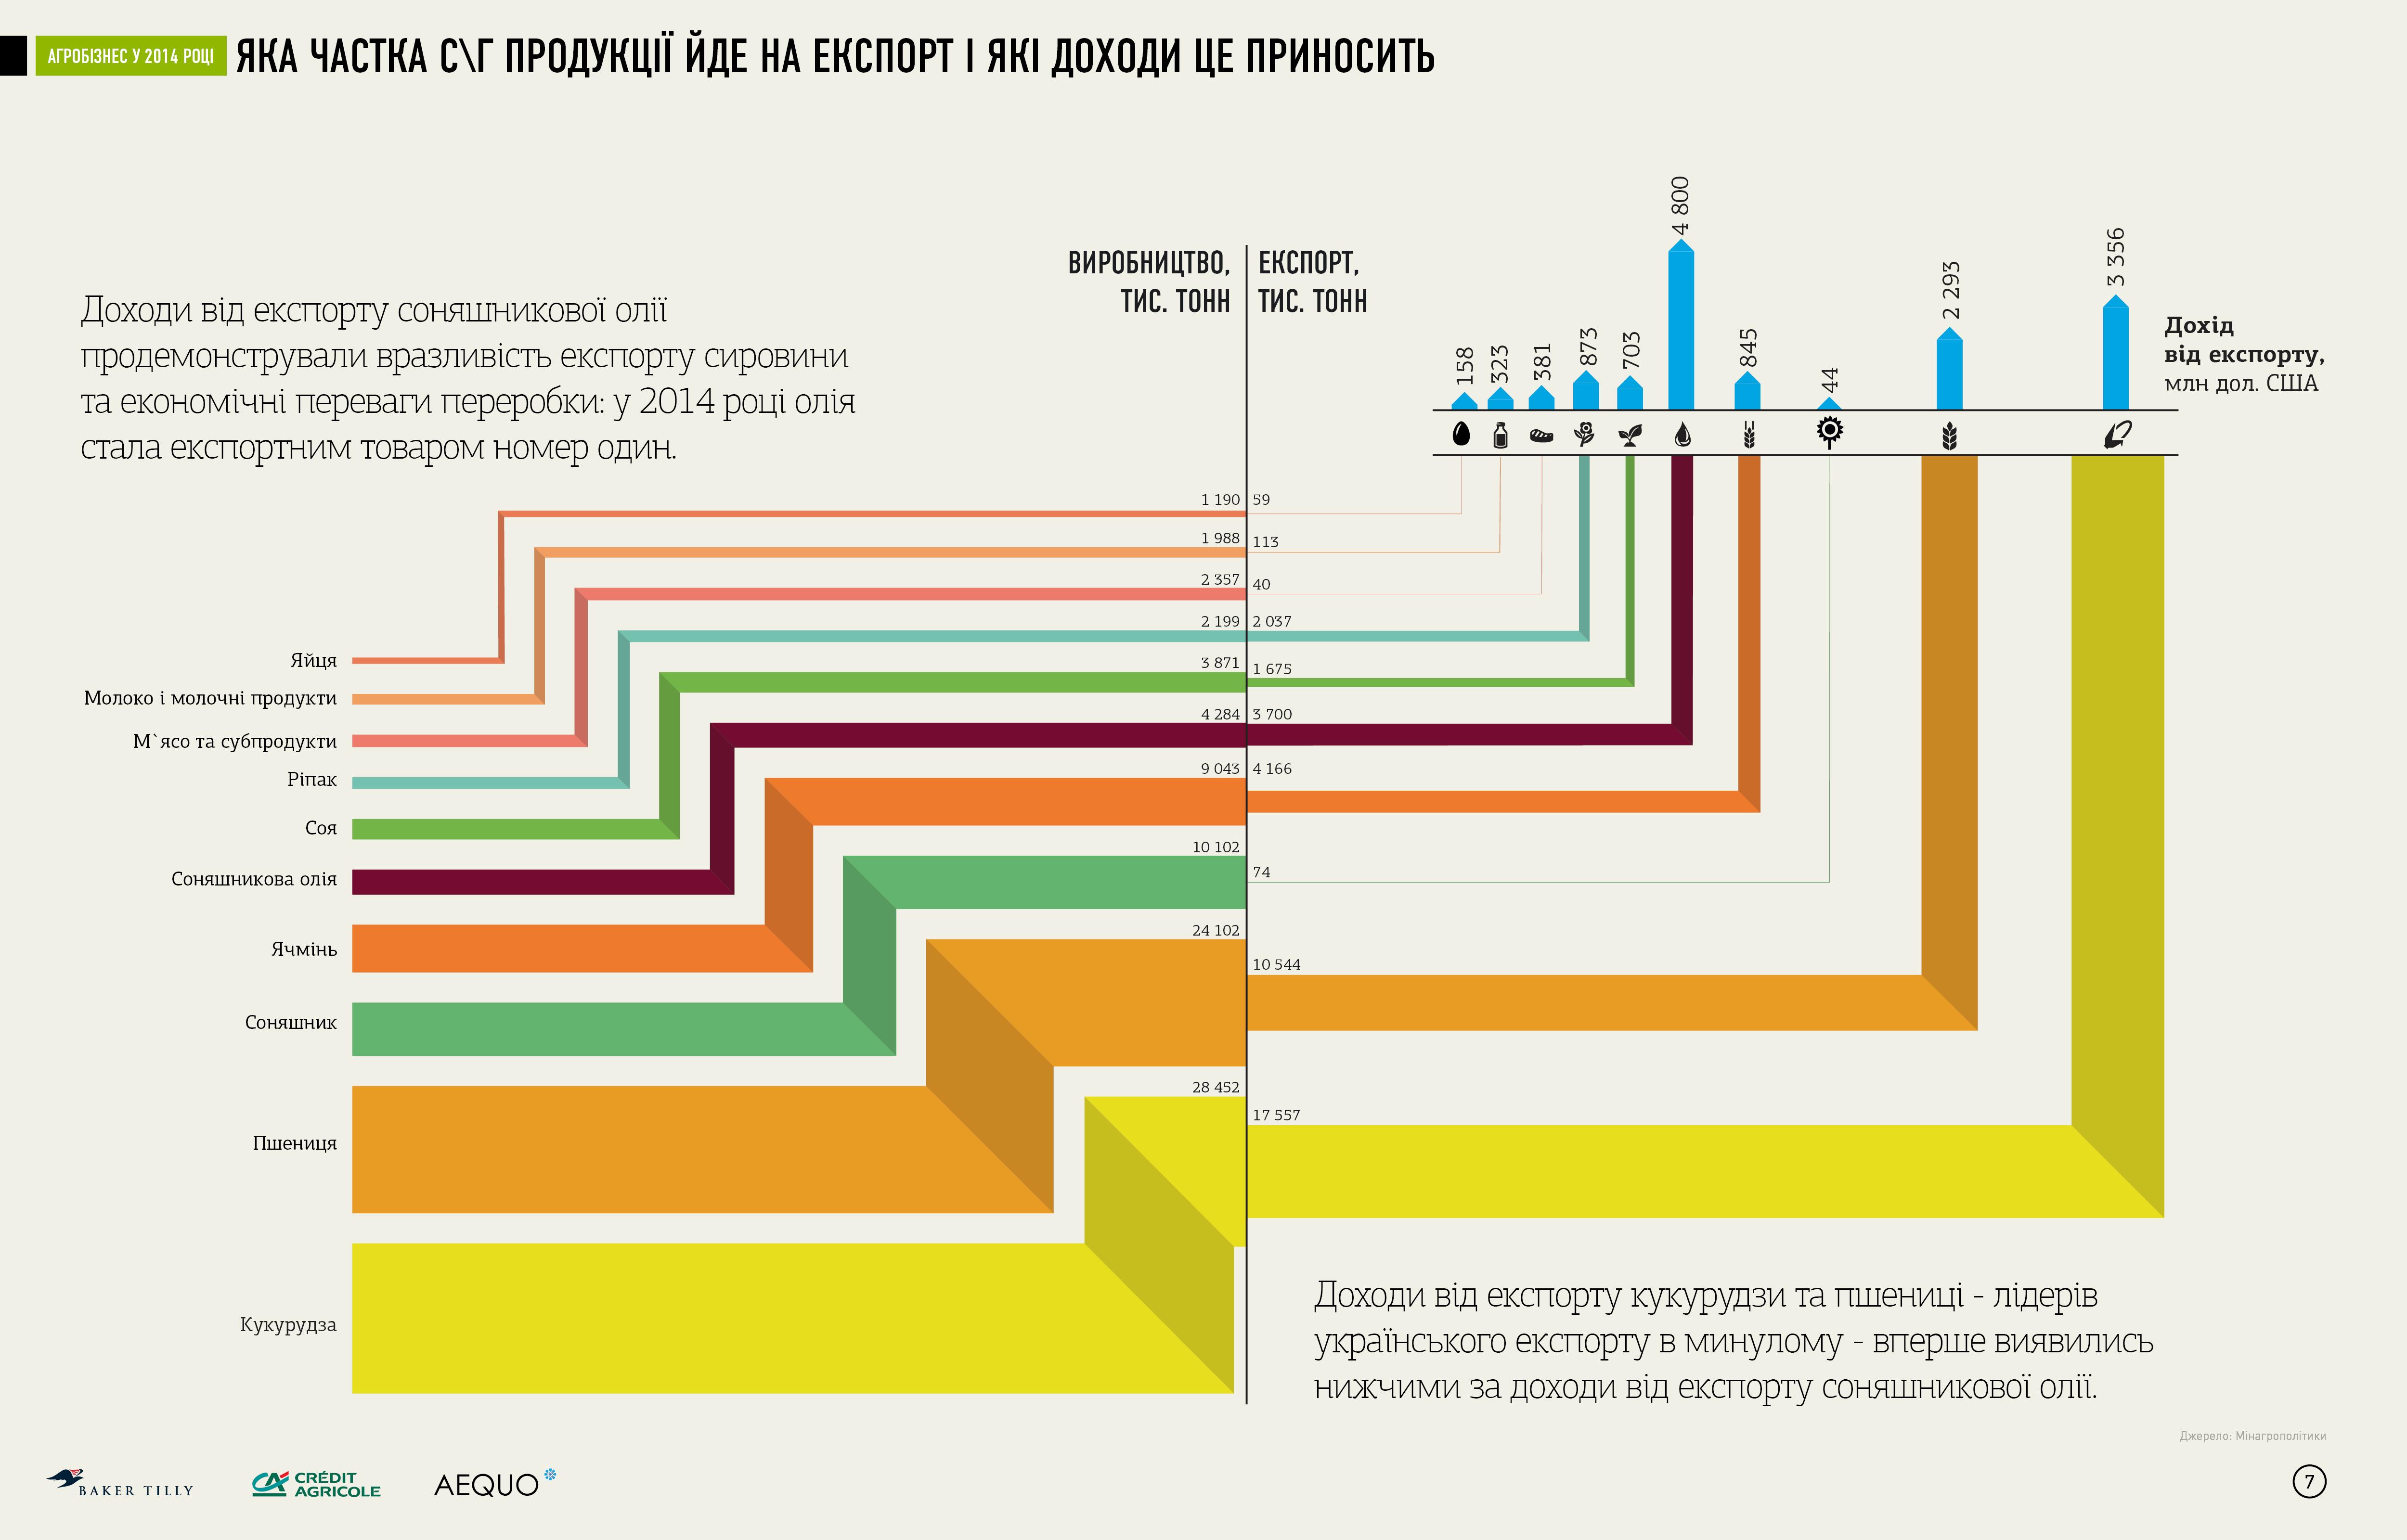 Какие доходы приносит экспорт аграрной продукции